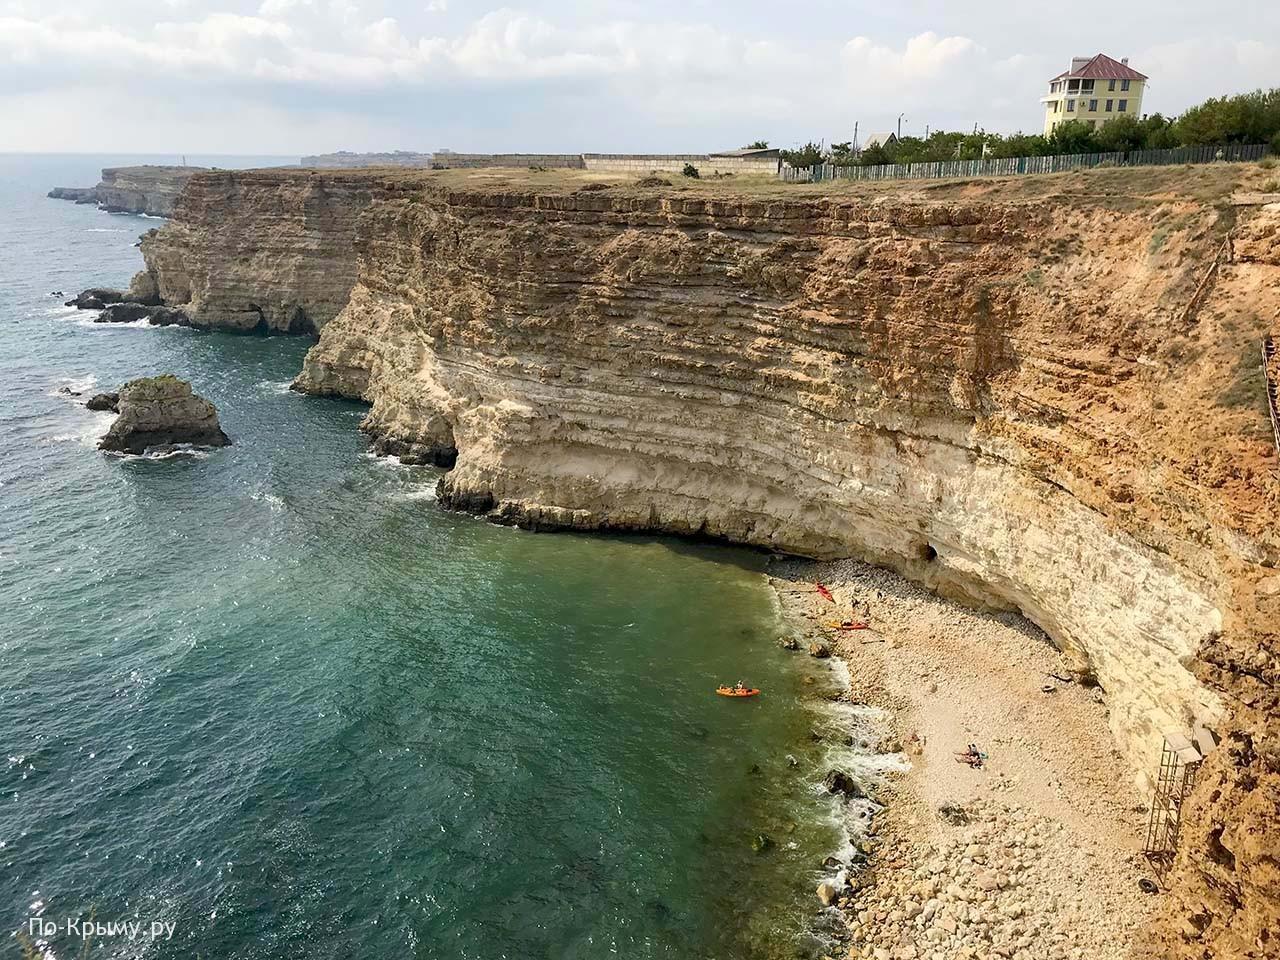 Экстремальный спуск на дикий пляж Фиолента